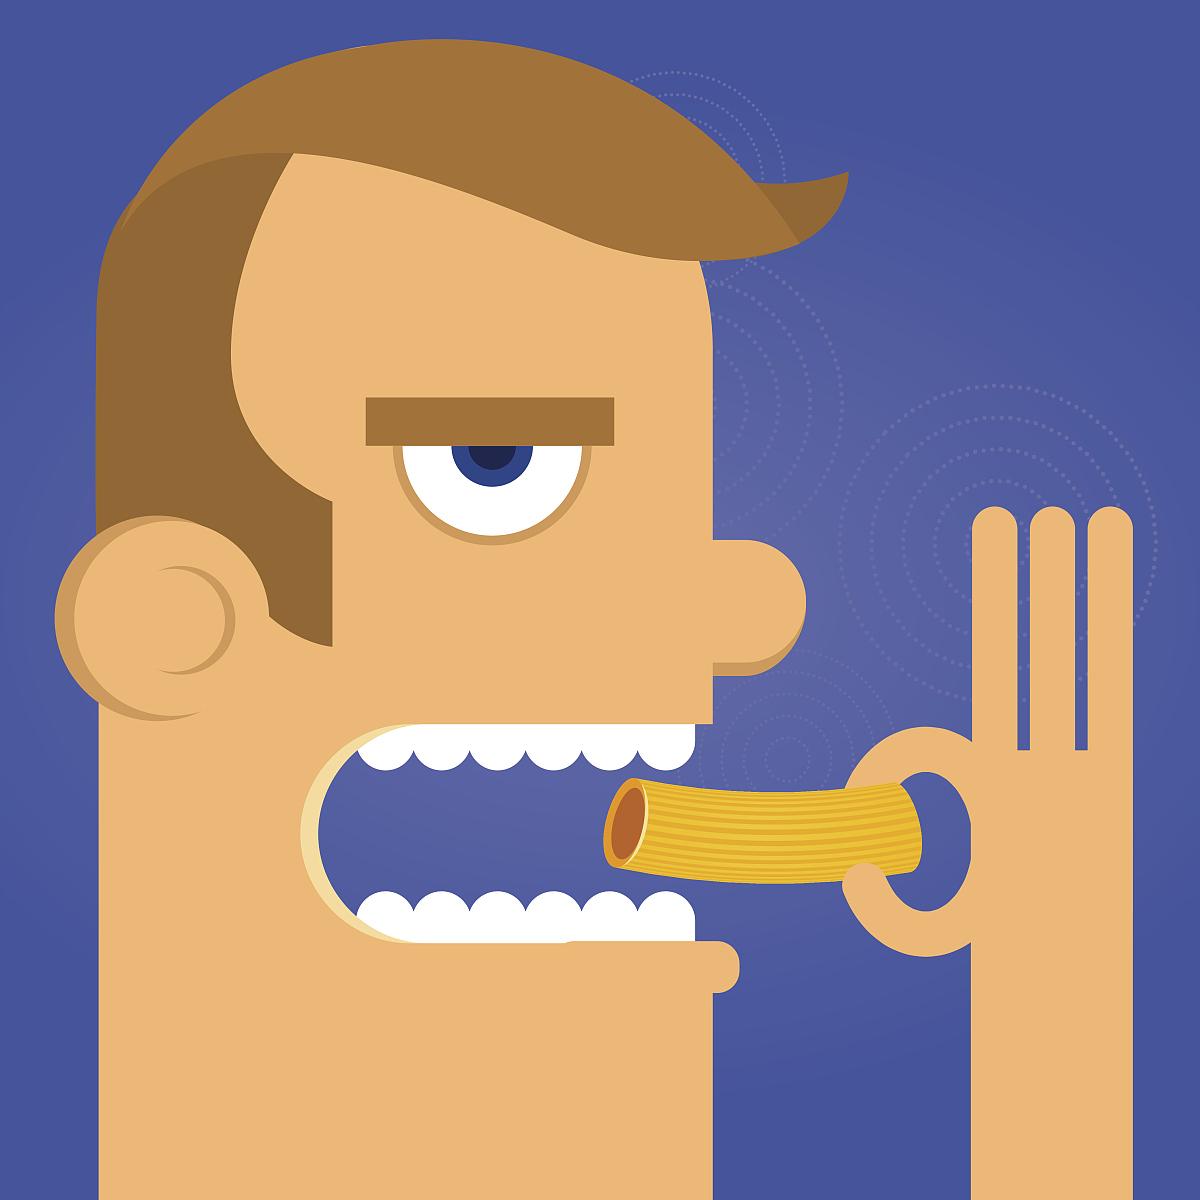 拇指,面部表情,拿着,中老年人,20到29岁,30到39岁,人的脸部,饥荒,40到图片